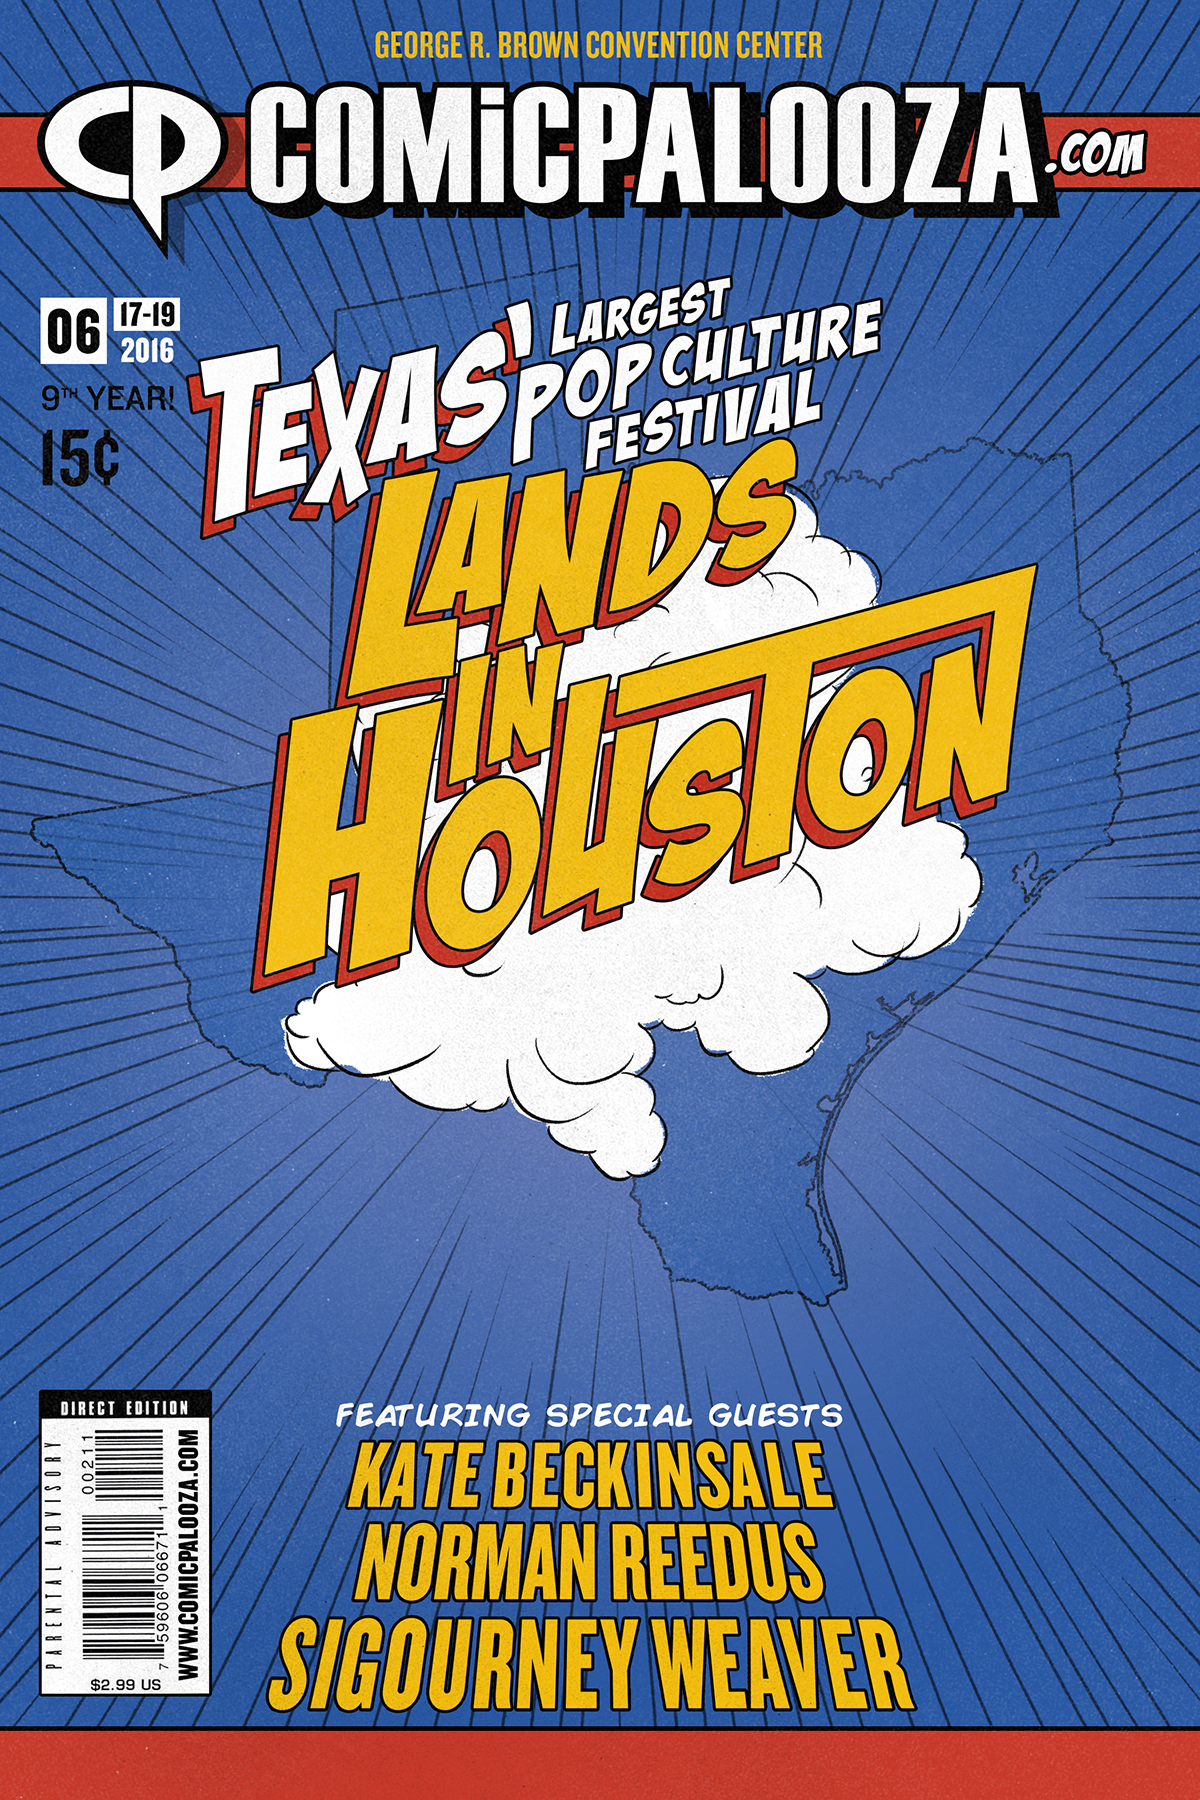 HOU-160222-Comicpalooza_Cover_cv_v03.jpg